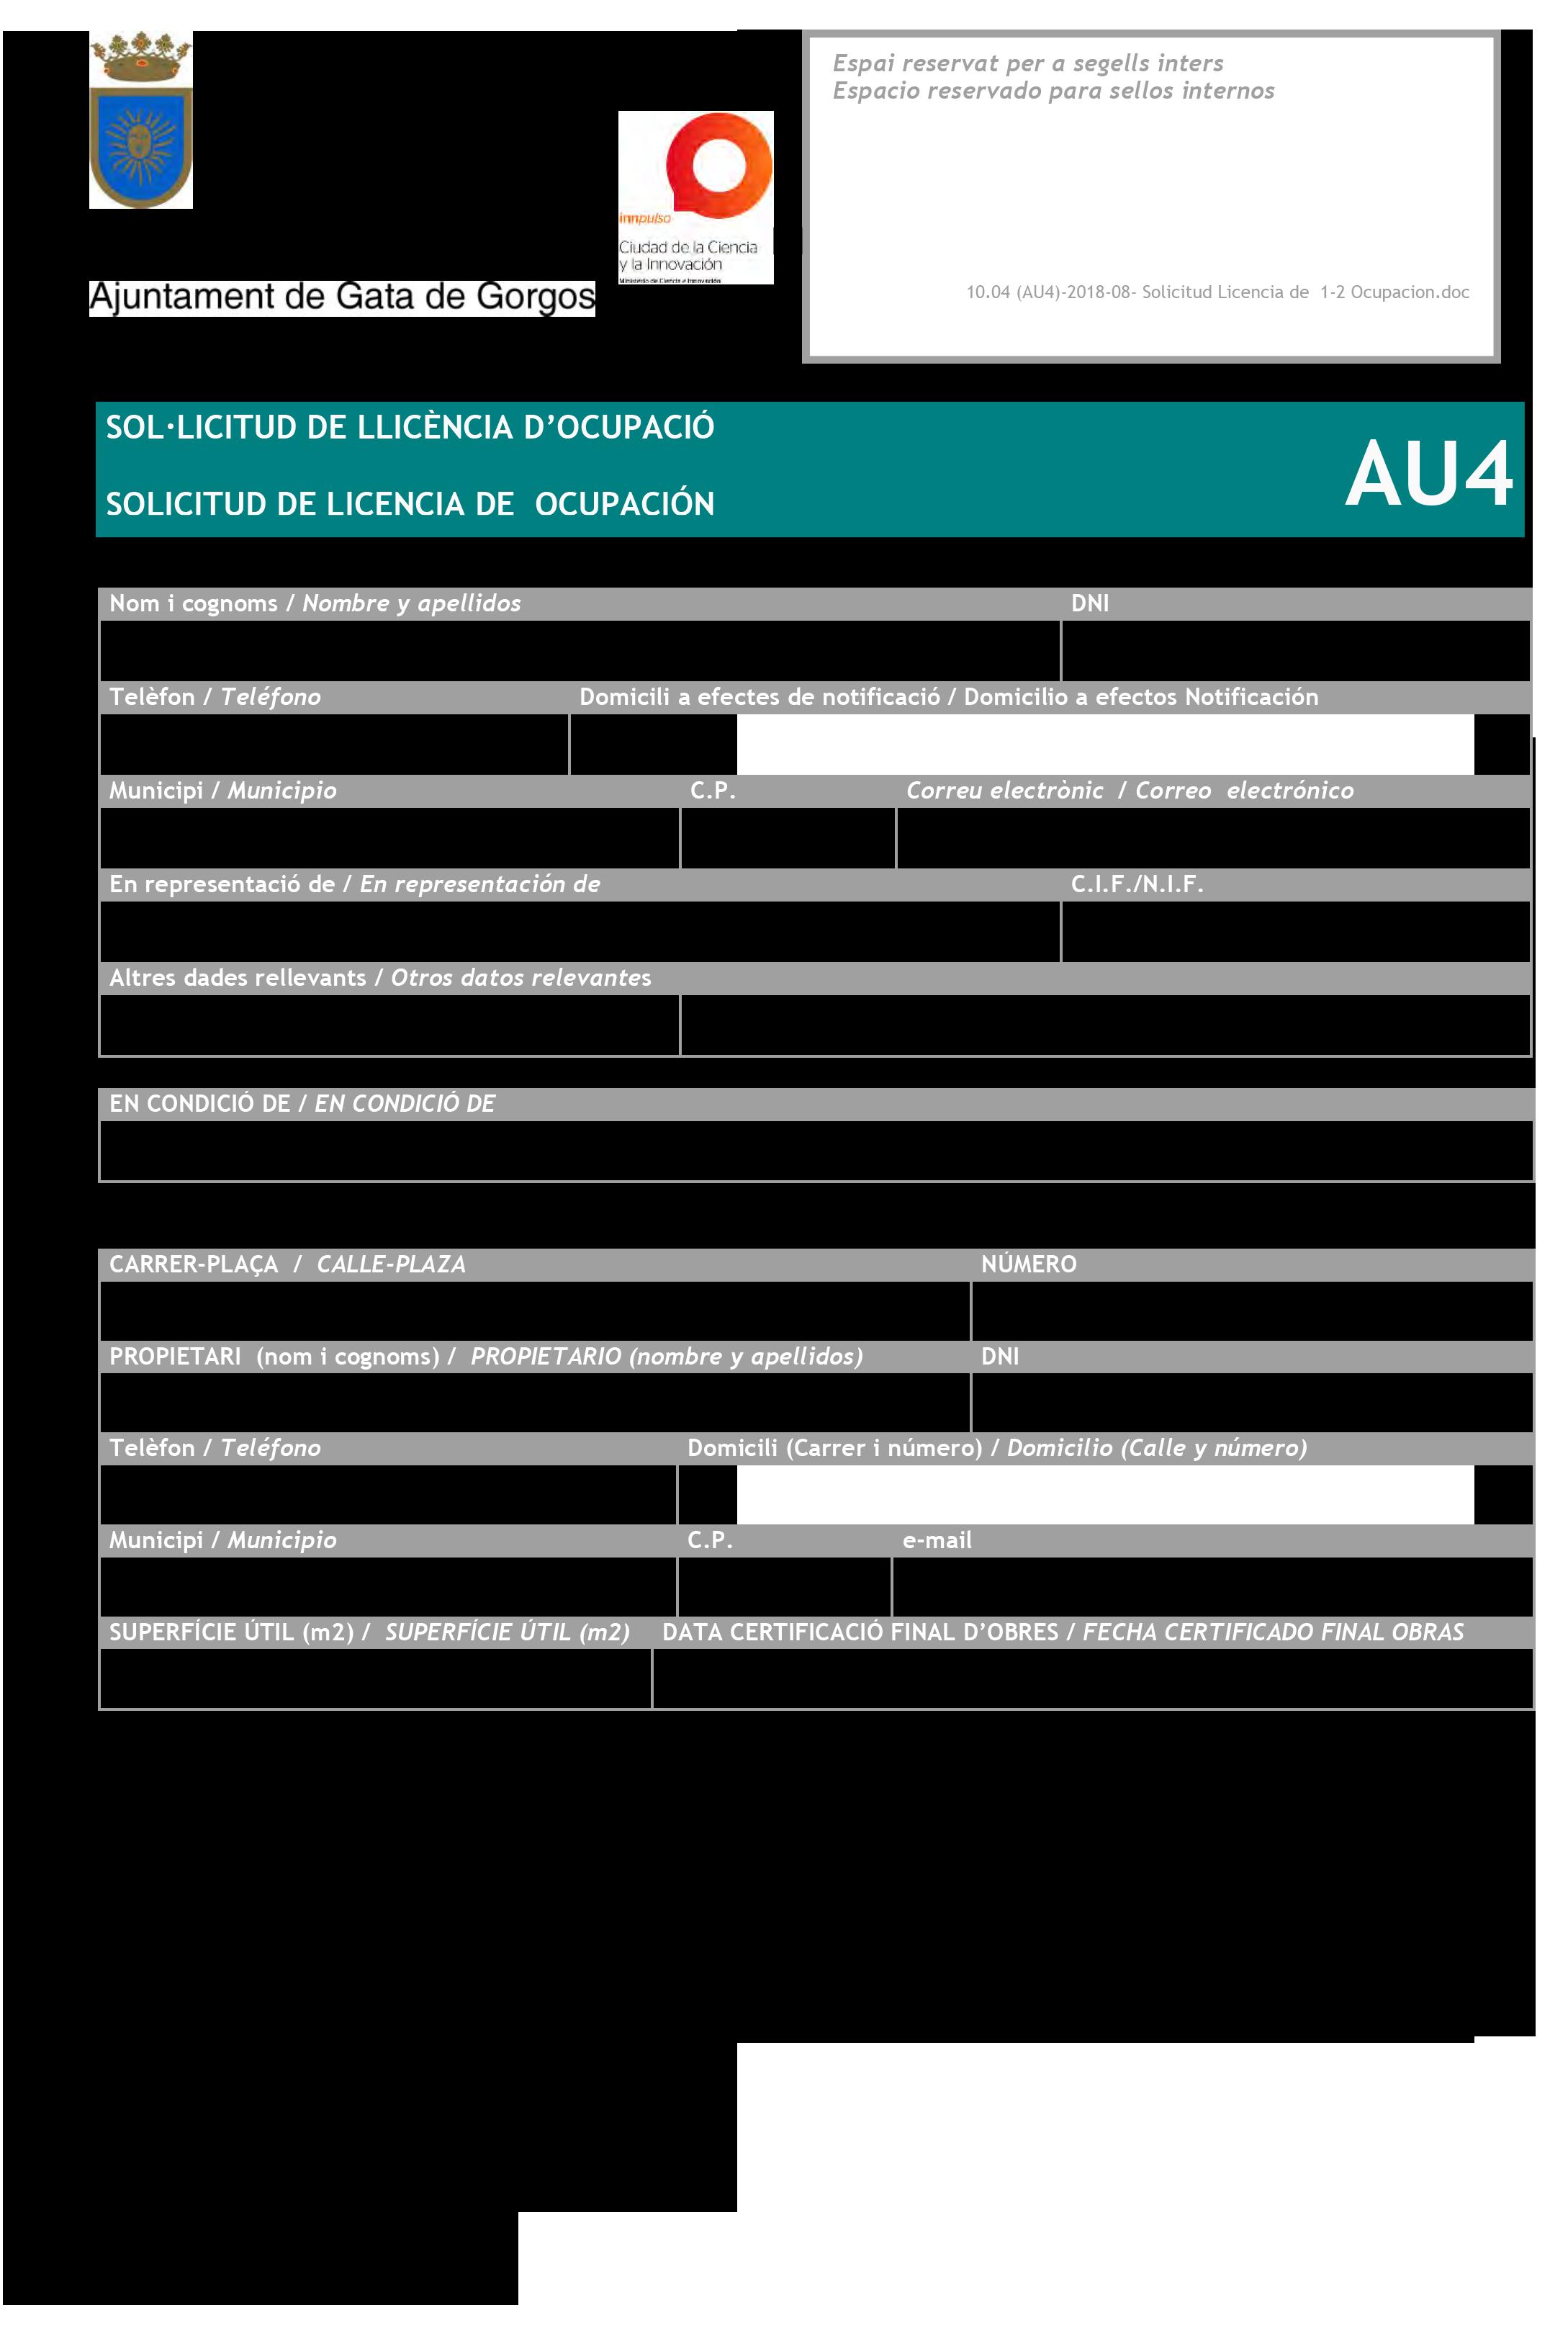 Impreso Declaración Responsable Segunda Ocupación - Gata de Gorgos 1